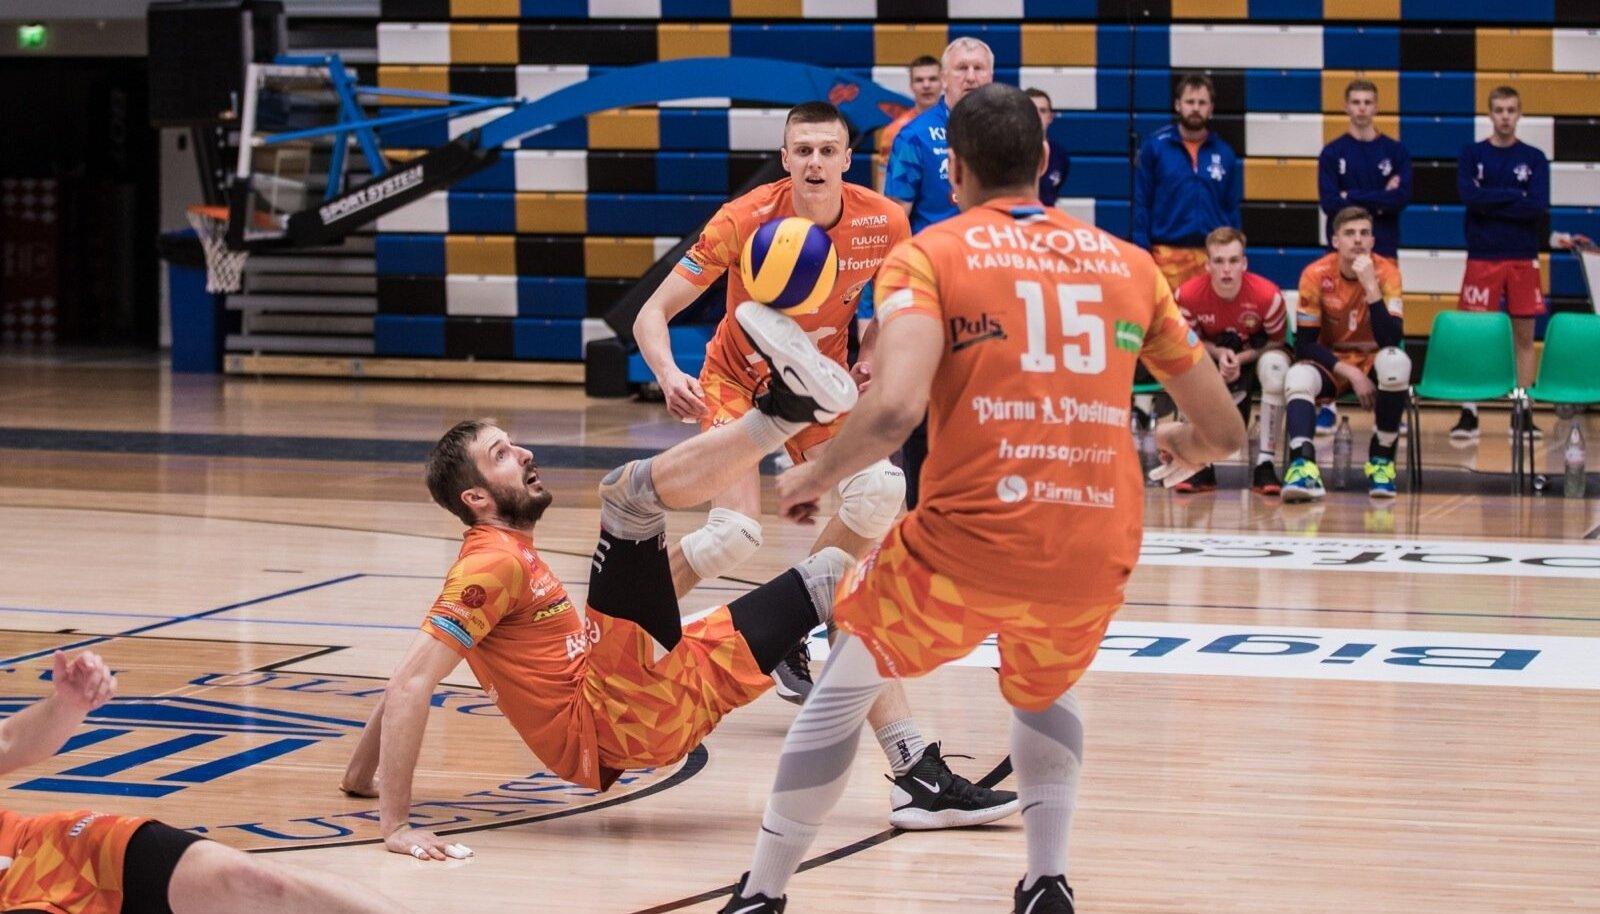 Aasta parim fototabamus. Pärnu võitles kaitses ennastsalgavalt, pildil söödab pikali kukkunud Tamar Nassar palli tallaga. Teda jälgivad Chizoba (nr 15) ja Ilja Kovaljov.